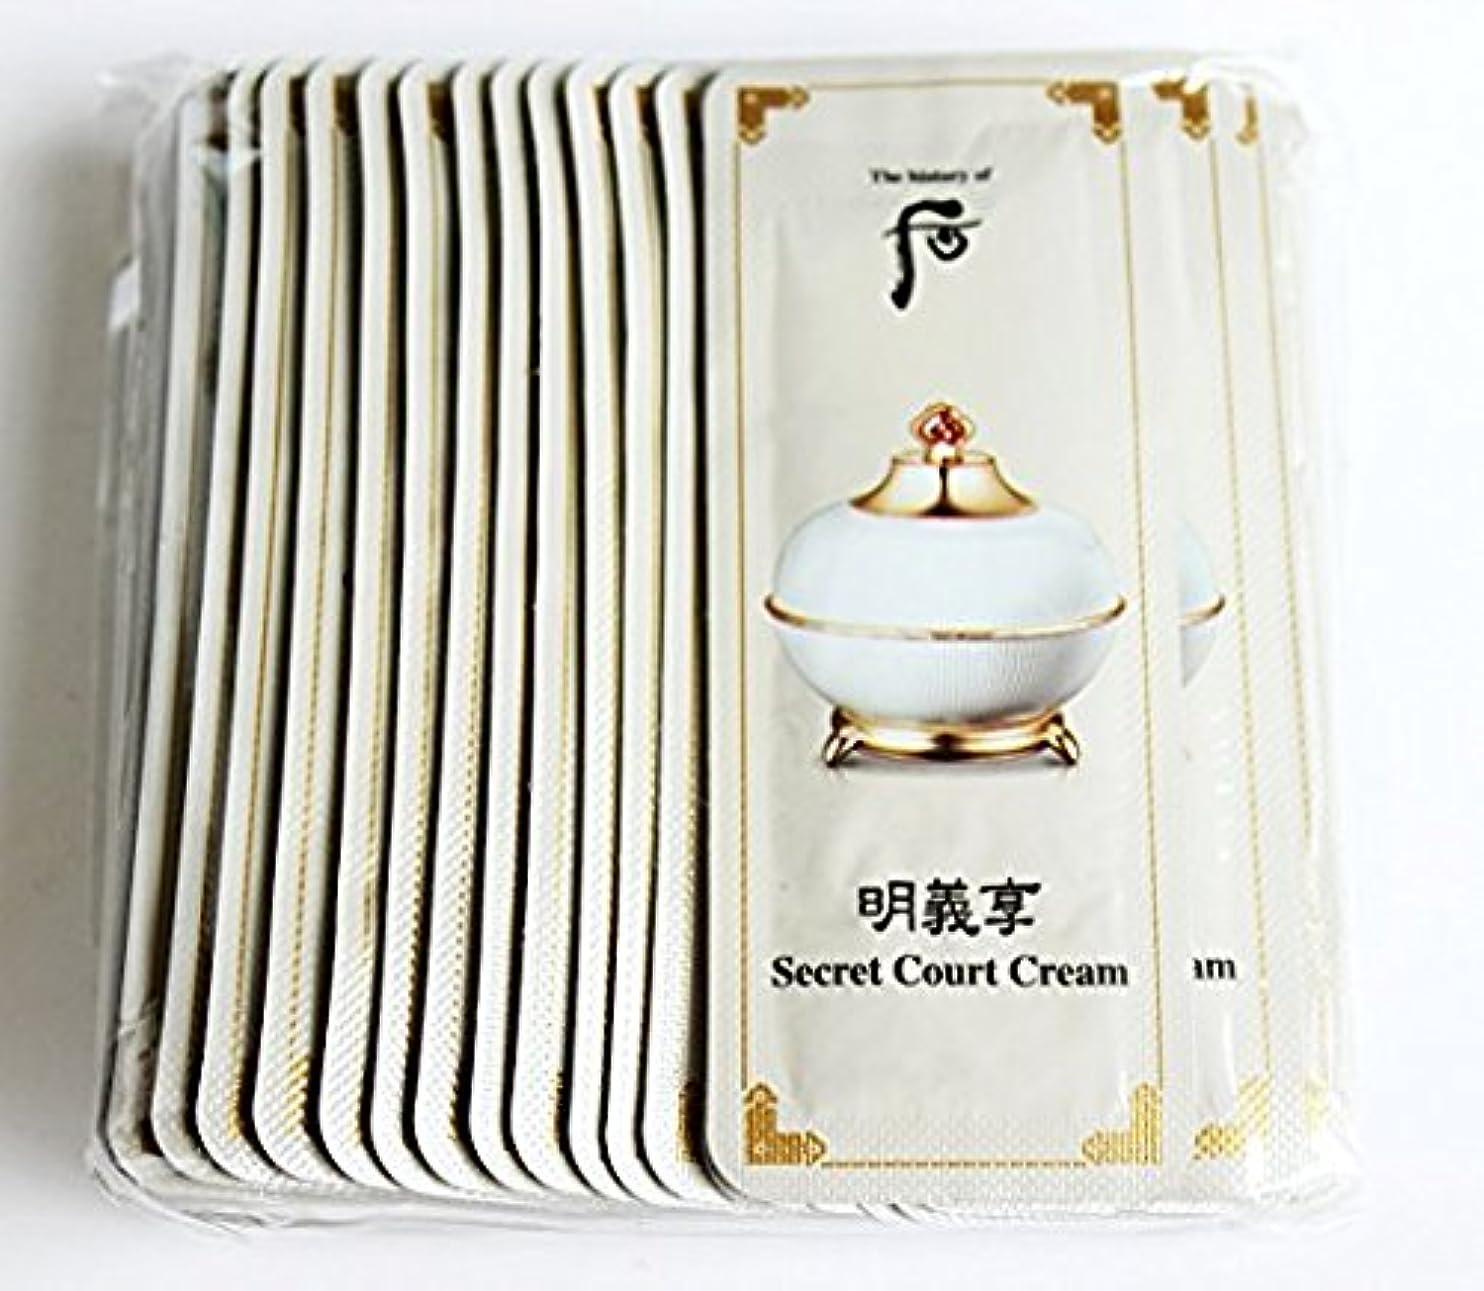 公爵アシストスペアThe History of Whoo Myeonguihyanng Secret Court Cream [Sample 1ml × 30ea]/ザ ヒストリー オブ フー(后) 明義享 シークレット コート クリーム [サンプル 1ml × 30枚]